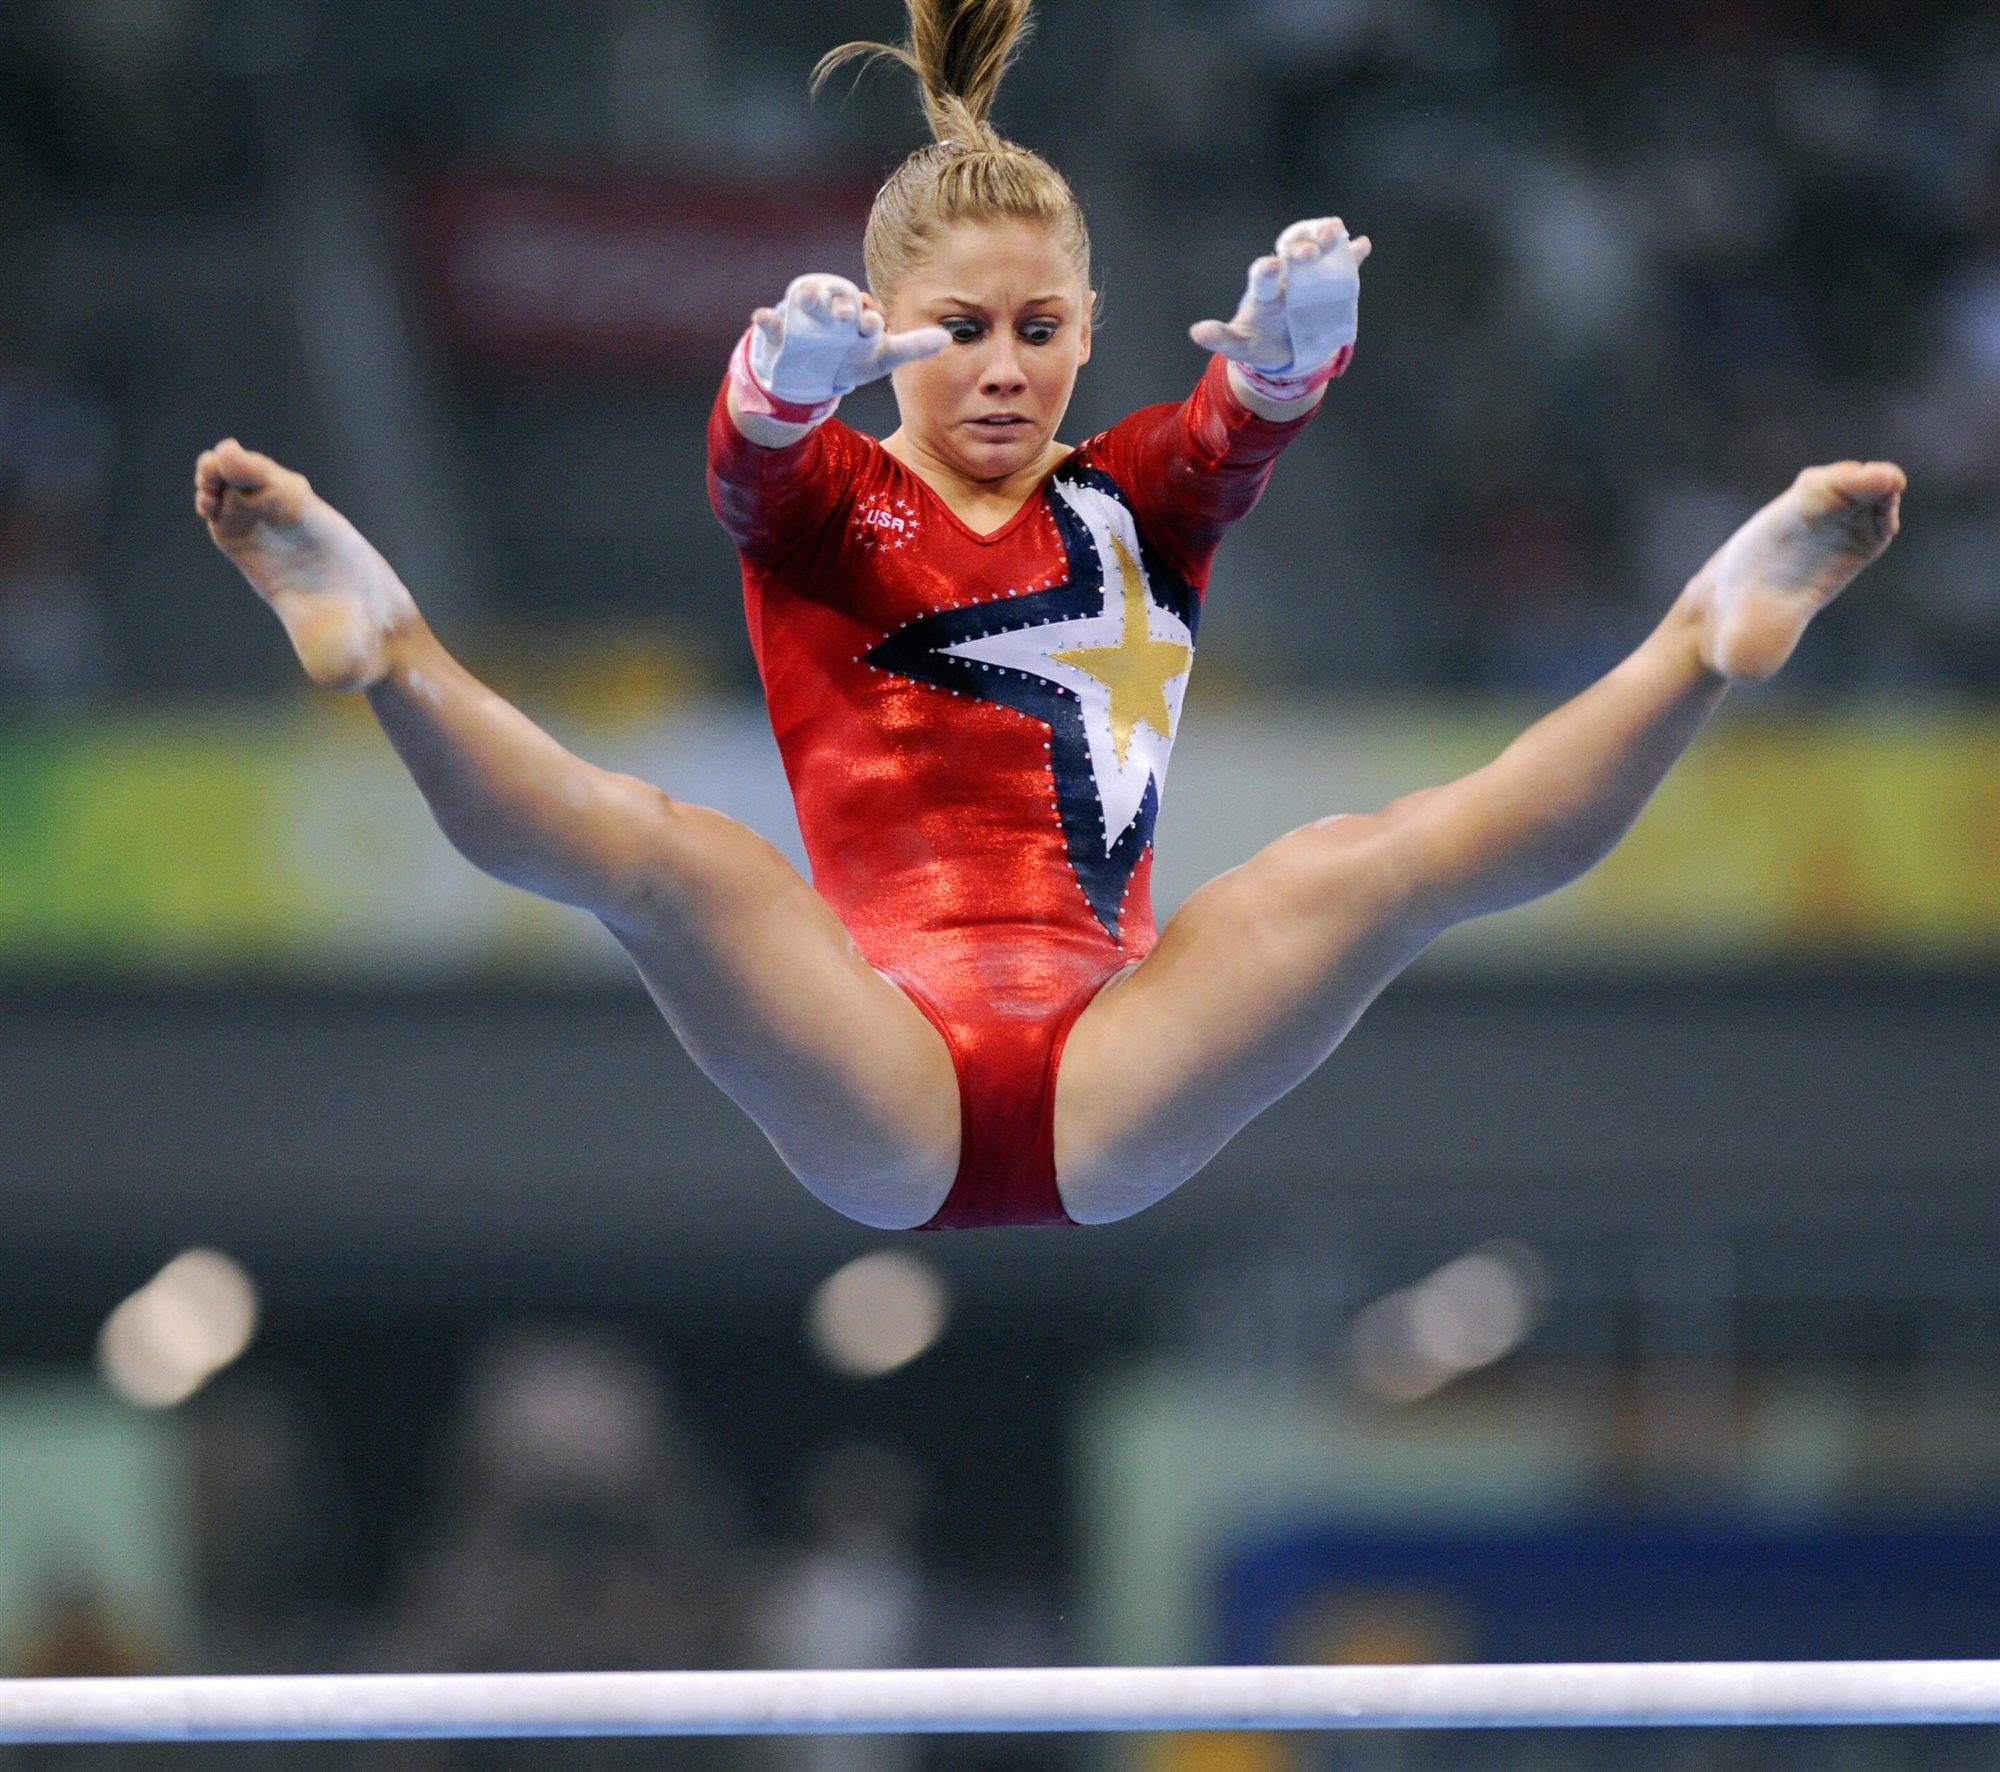 Фото с гимнастики пикантные